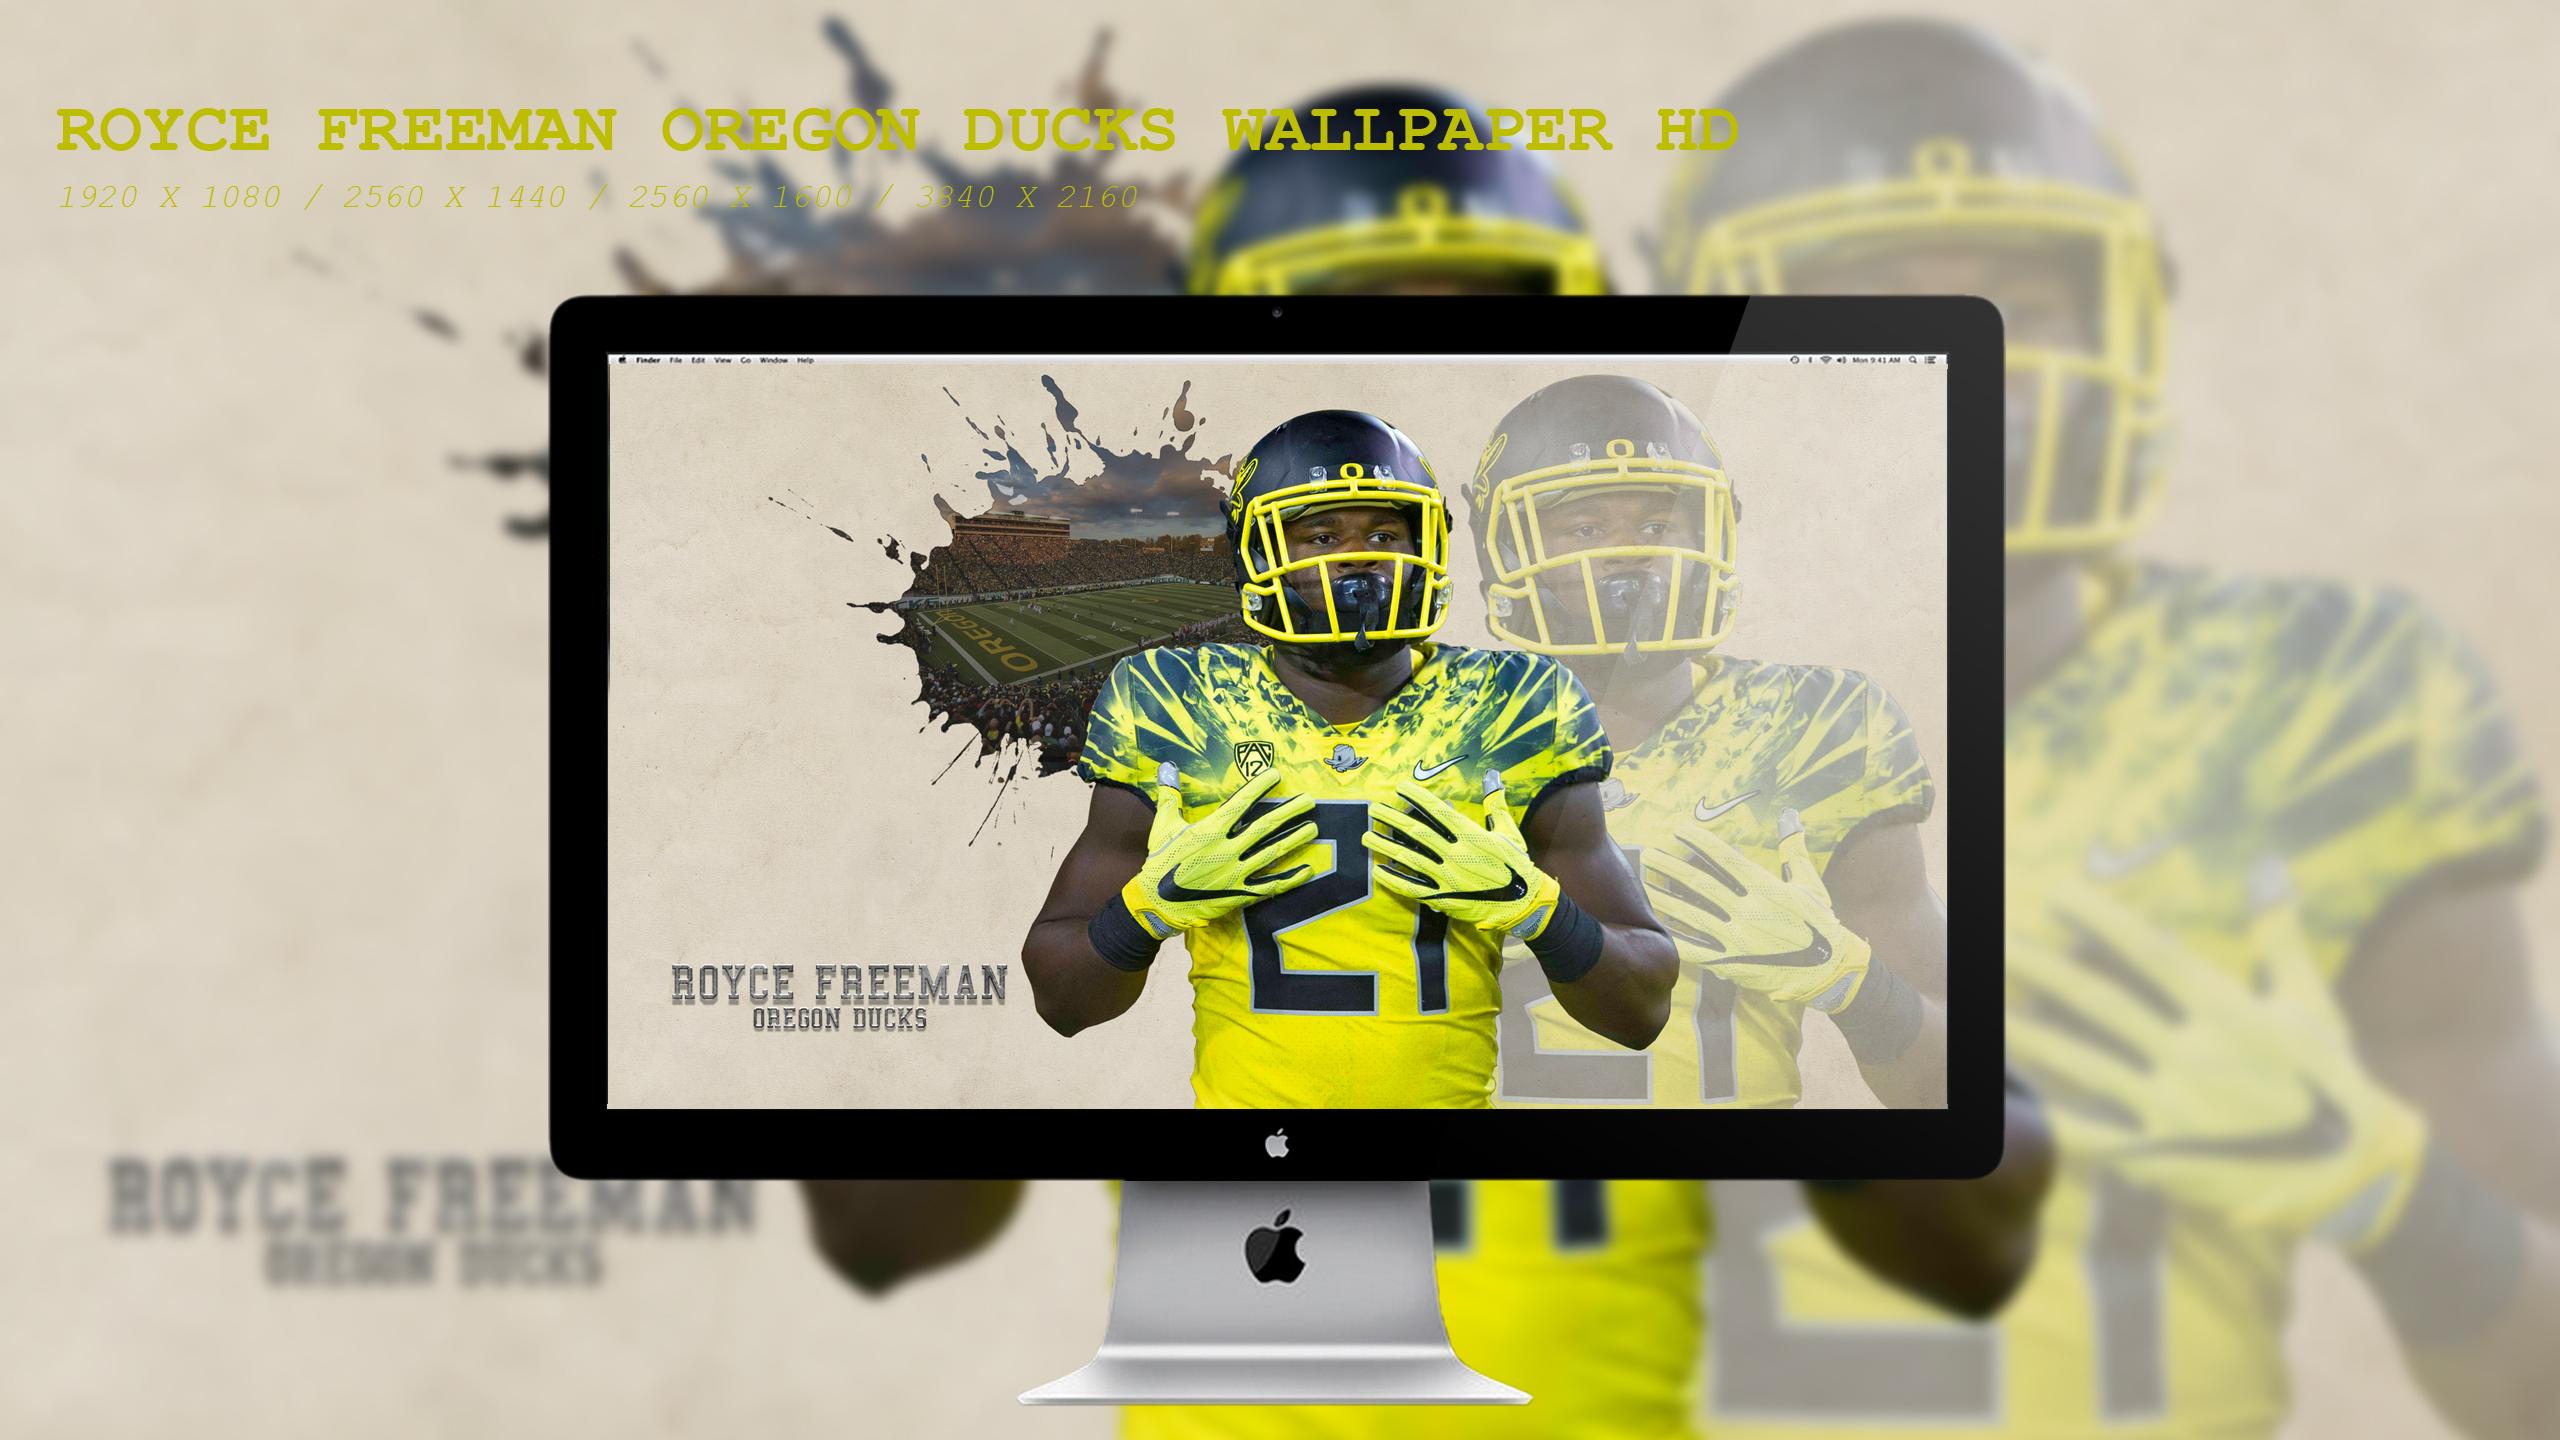 Royce Freeman Oregon Ducks Wallpaper HD By BeAware8 On DeviantArt